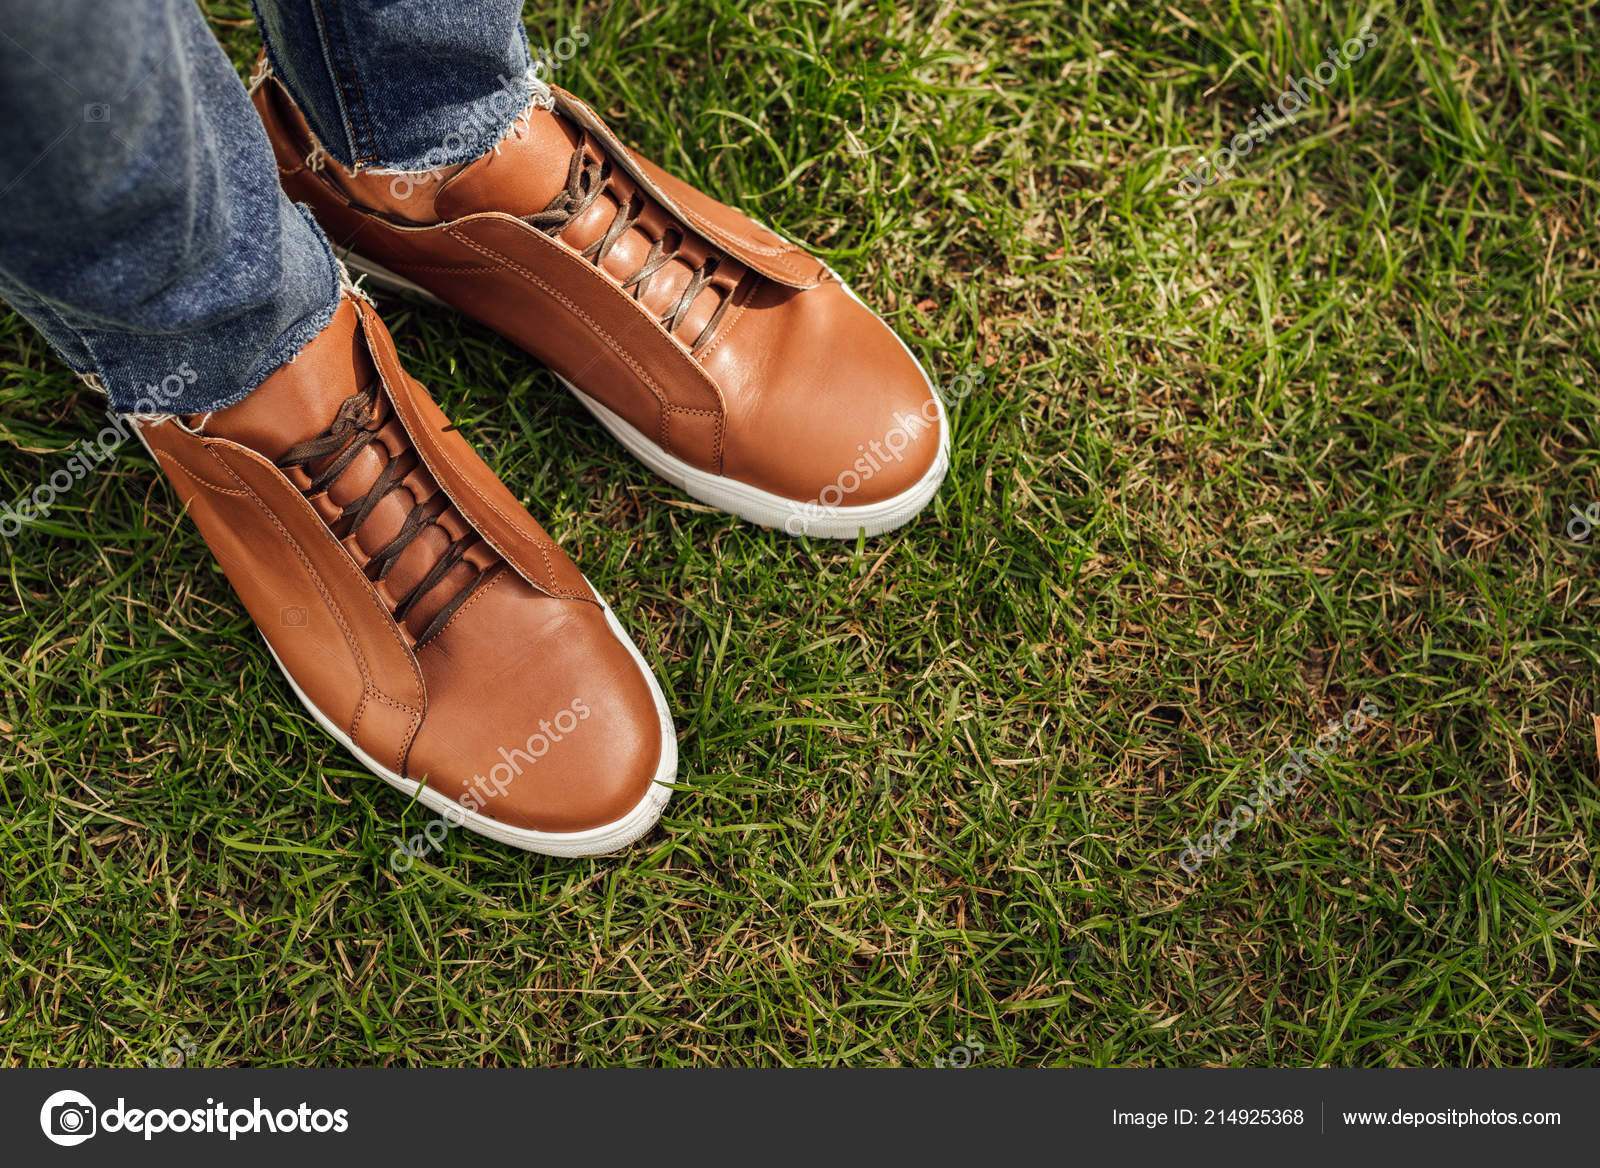 Hombre Los Vaqueros Zapatos Del Marrones Recortada Imagen Pantalones qwEBRfHWnC